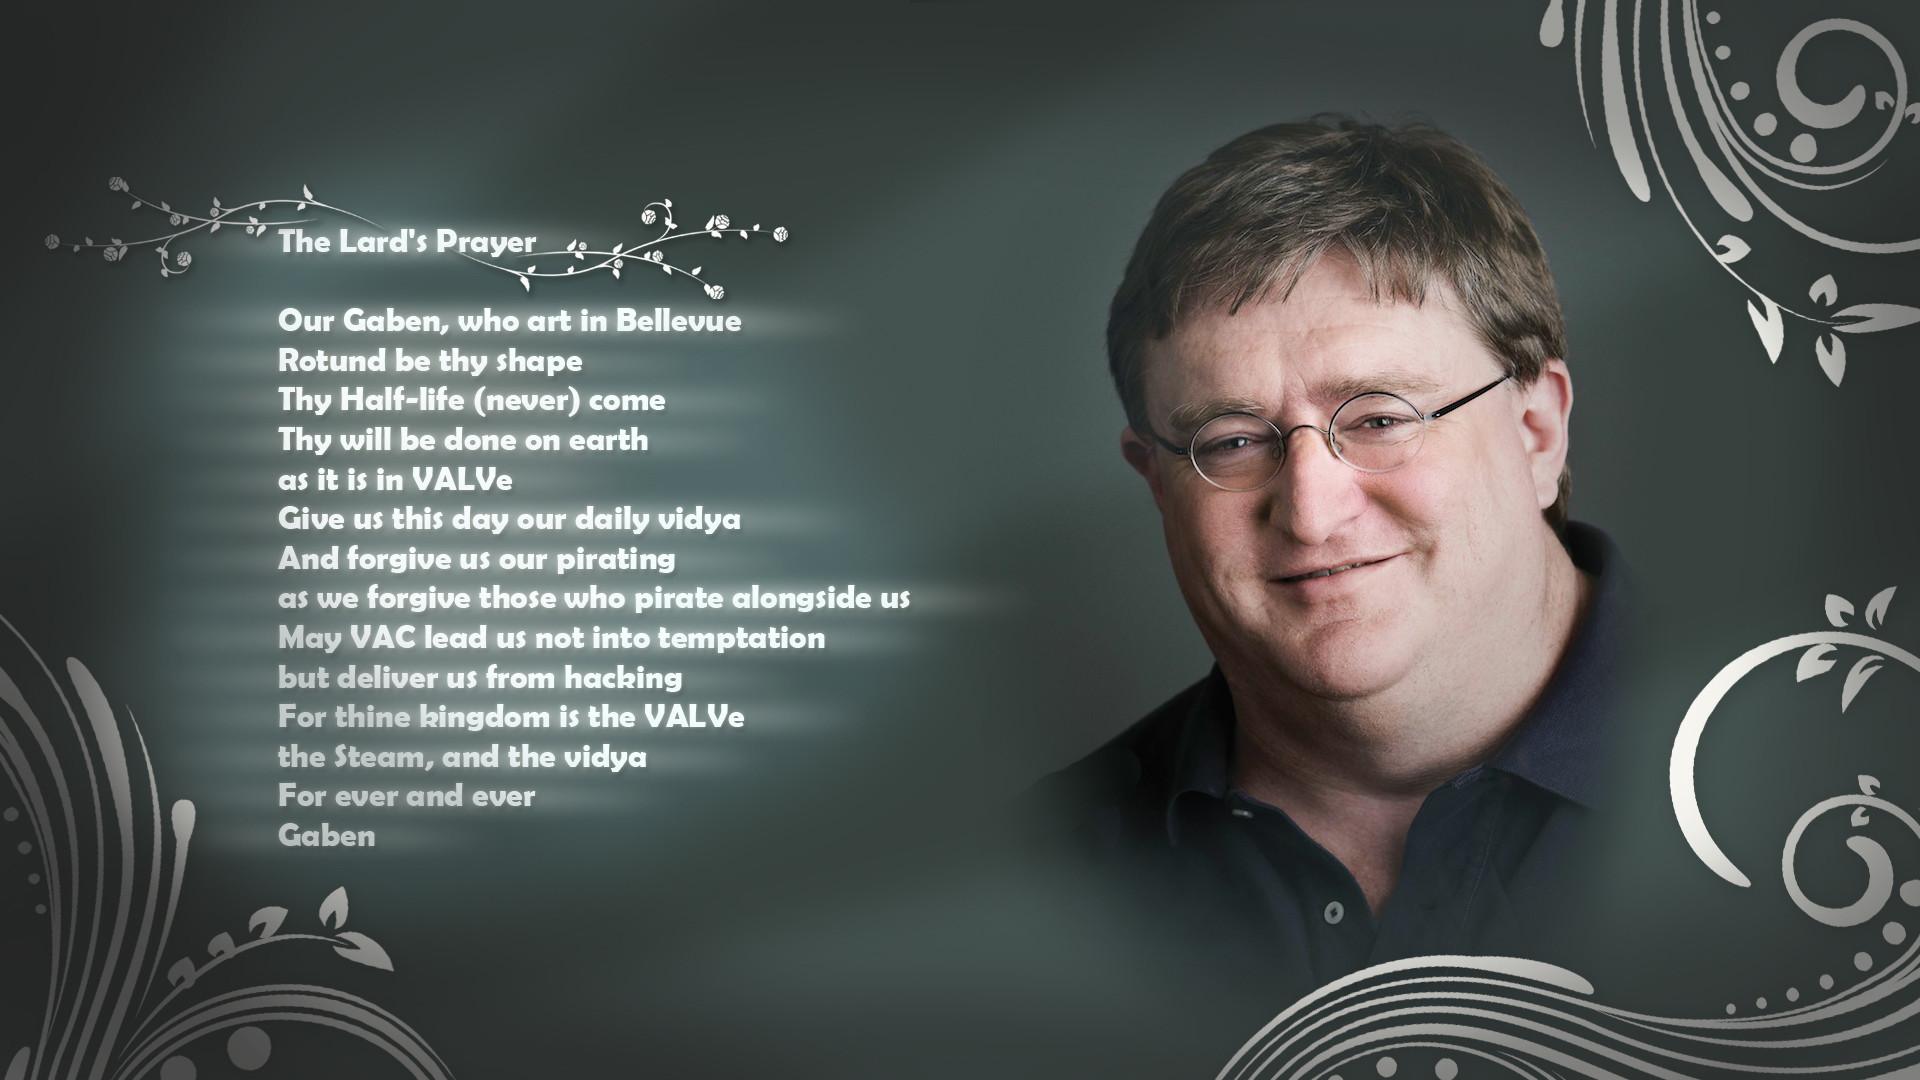 Gabe Newell The Lard's Prayer Prayer text humor wallpaper |  | 73746 | WallpaperUP